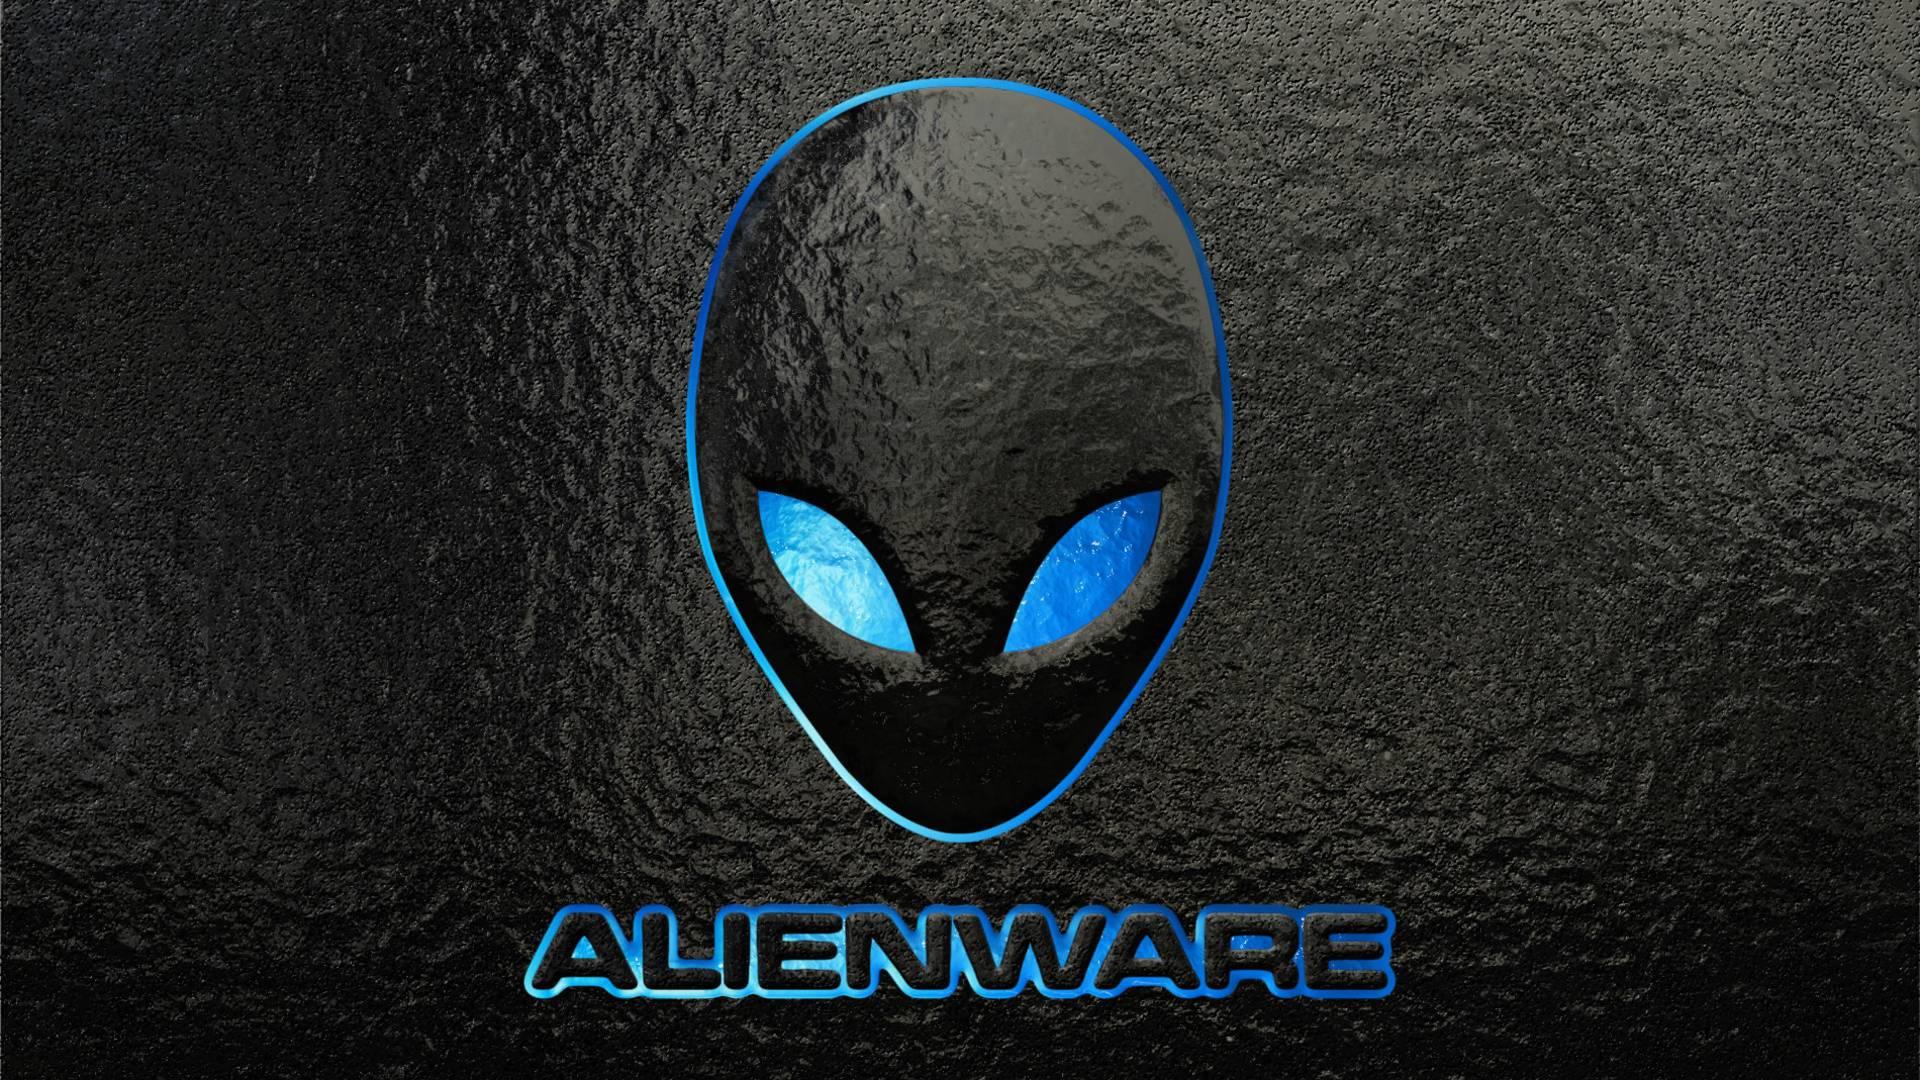 Etwas Neues genug Alienware Wallpapers 1920x1080 - Wallpaper Cave &RX_23